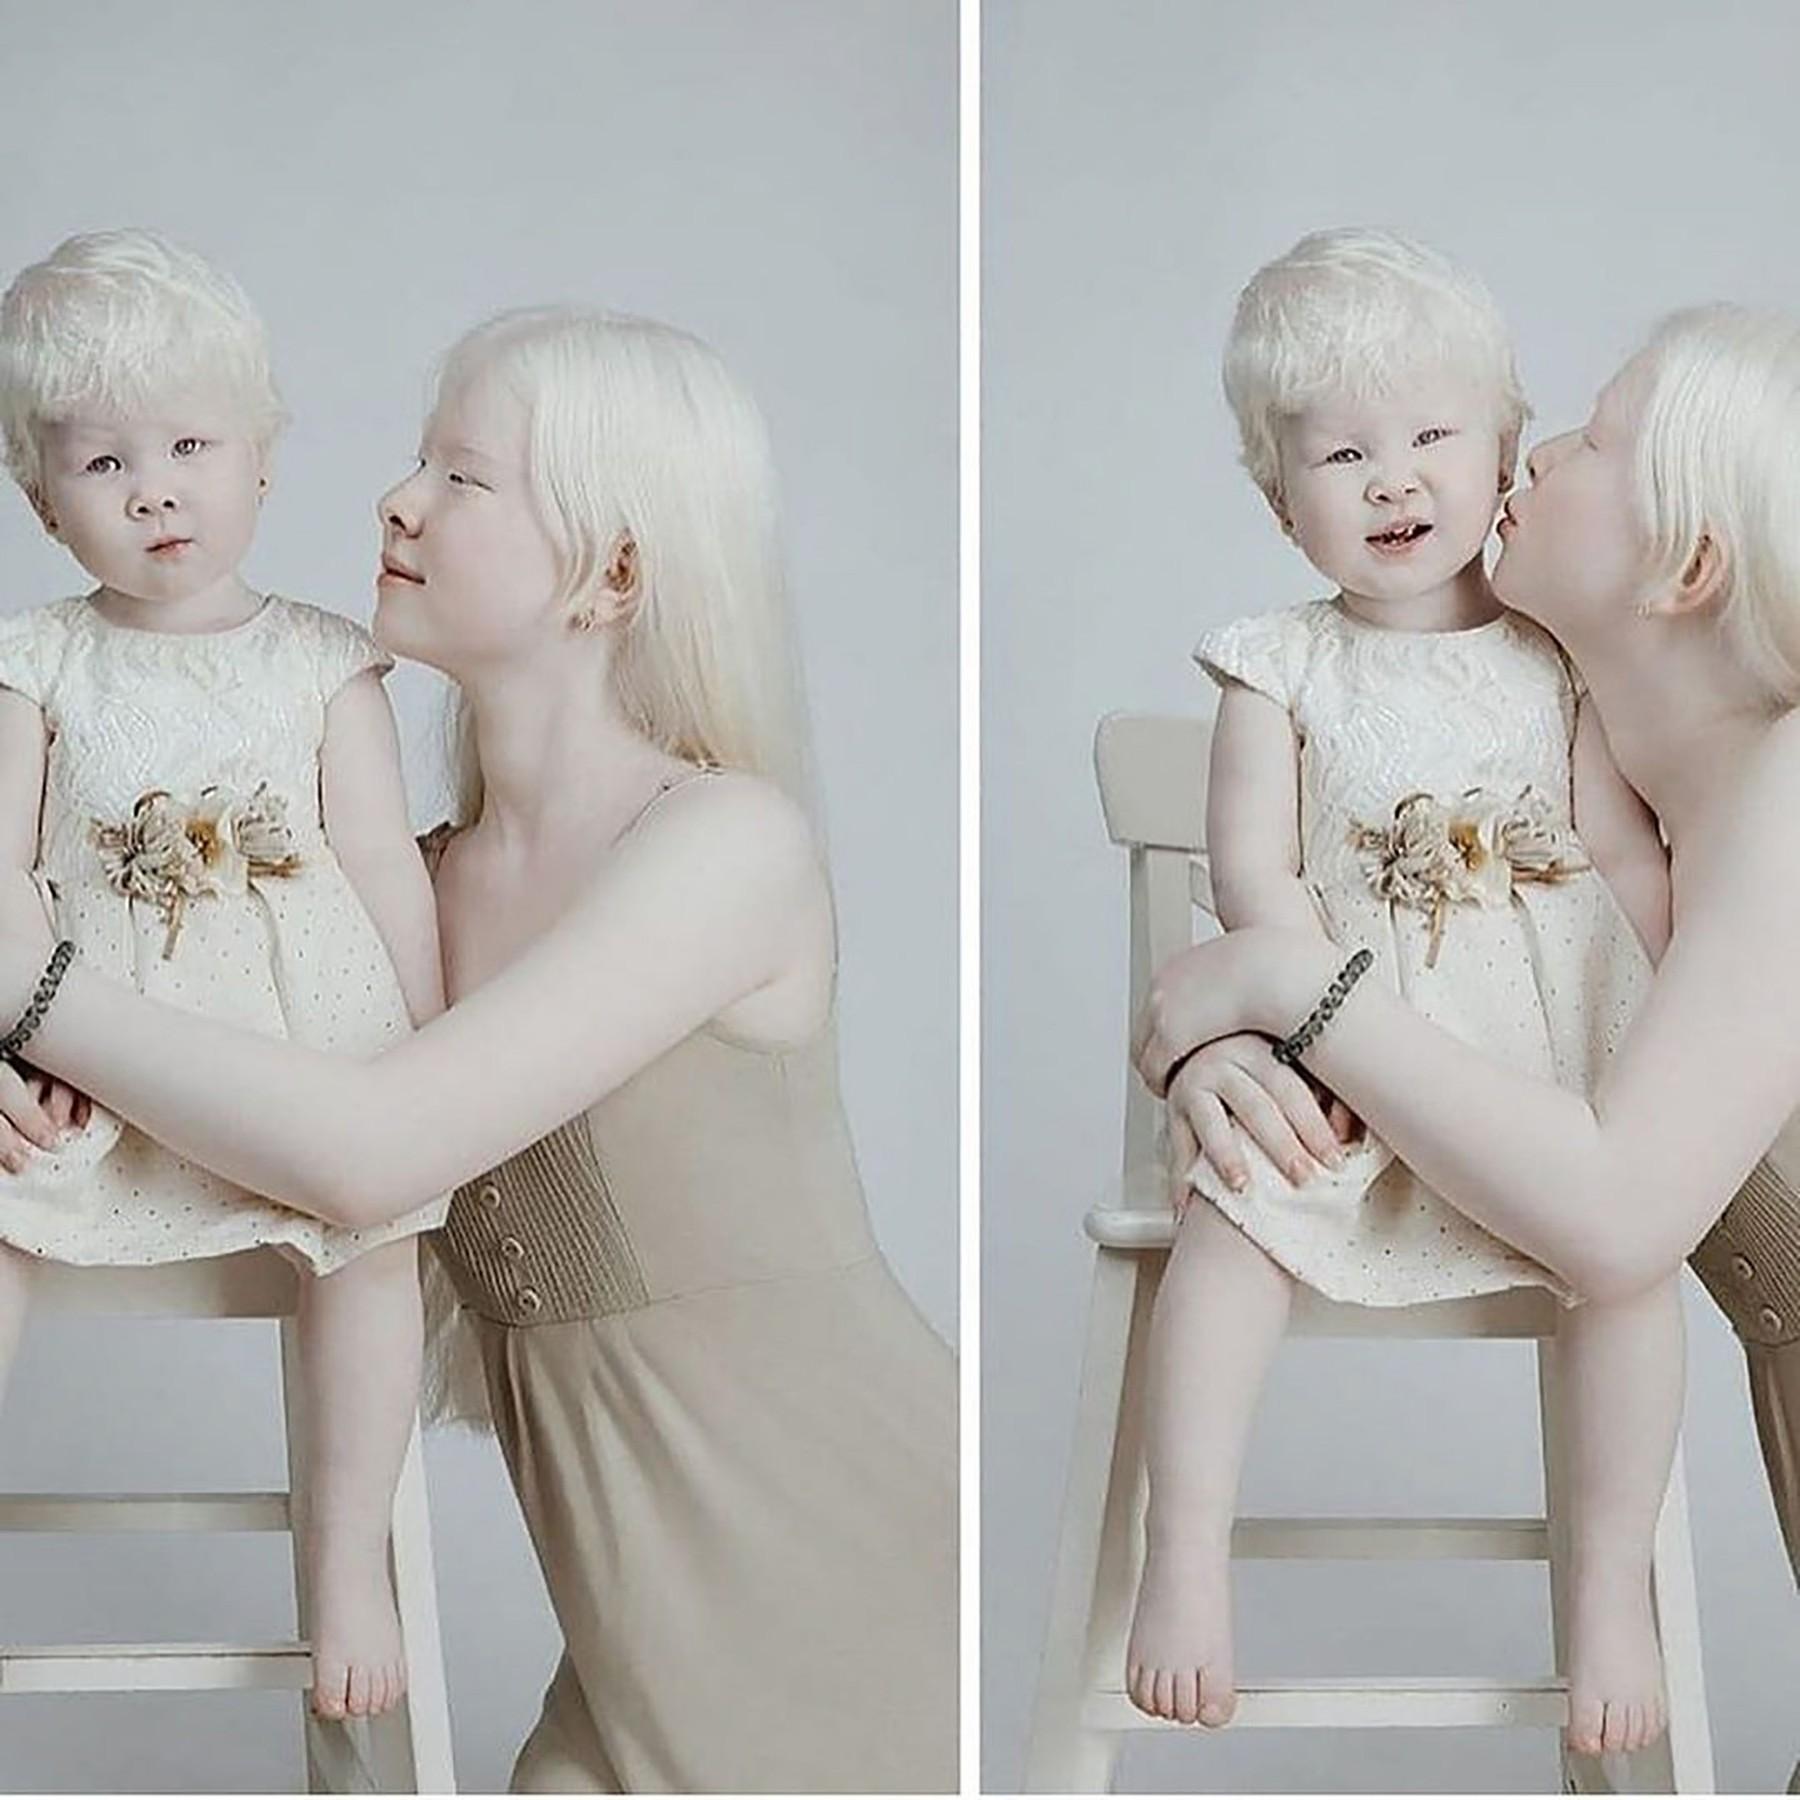 albino girls1